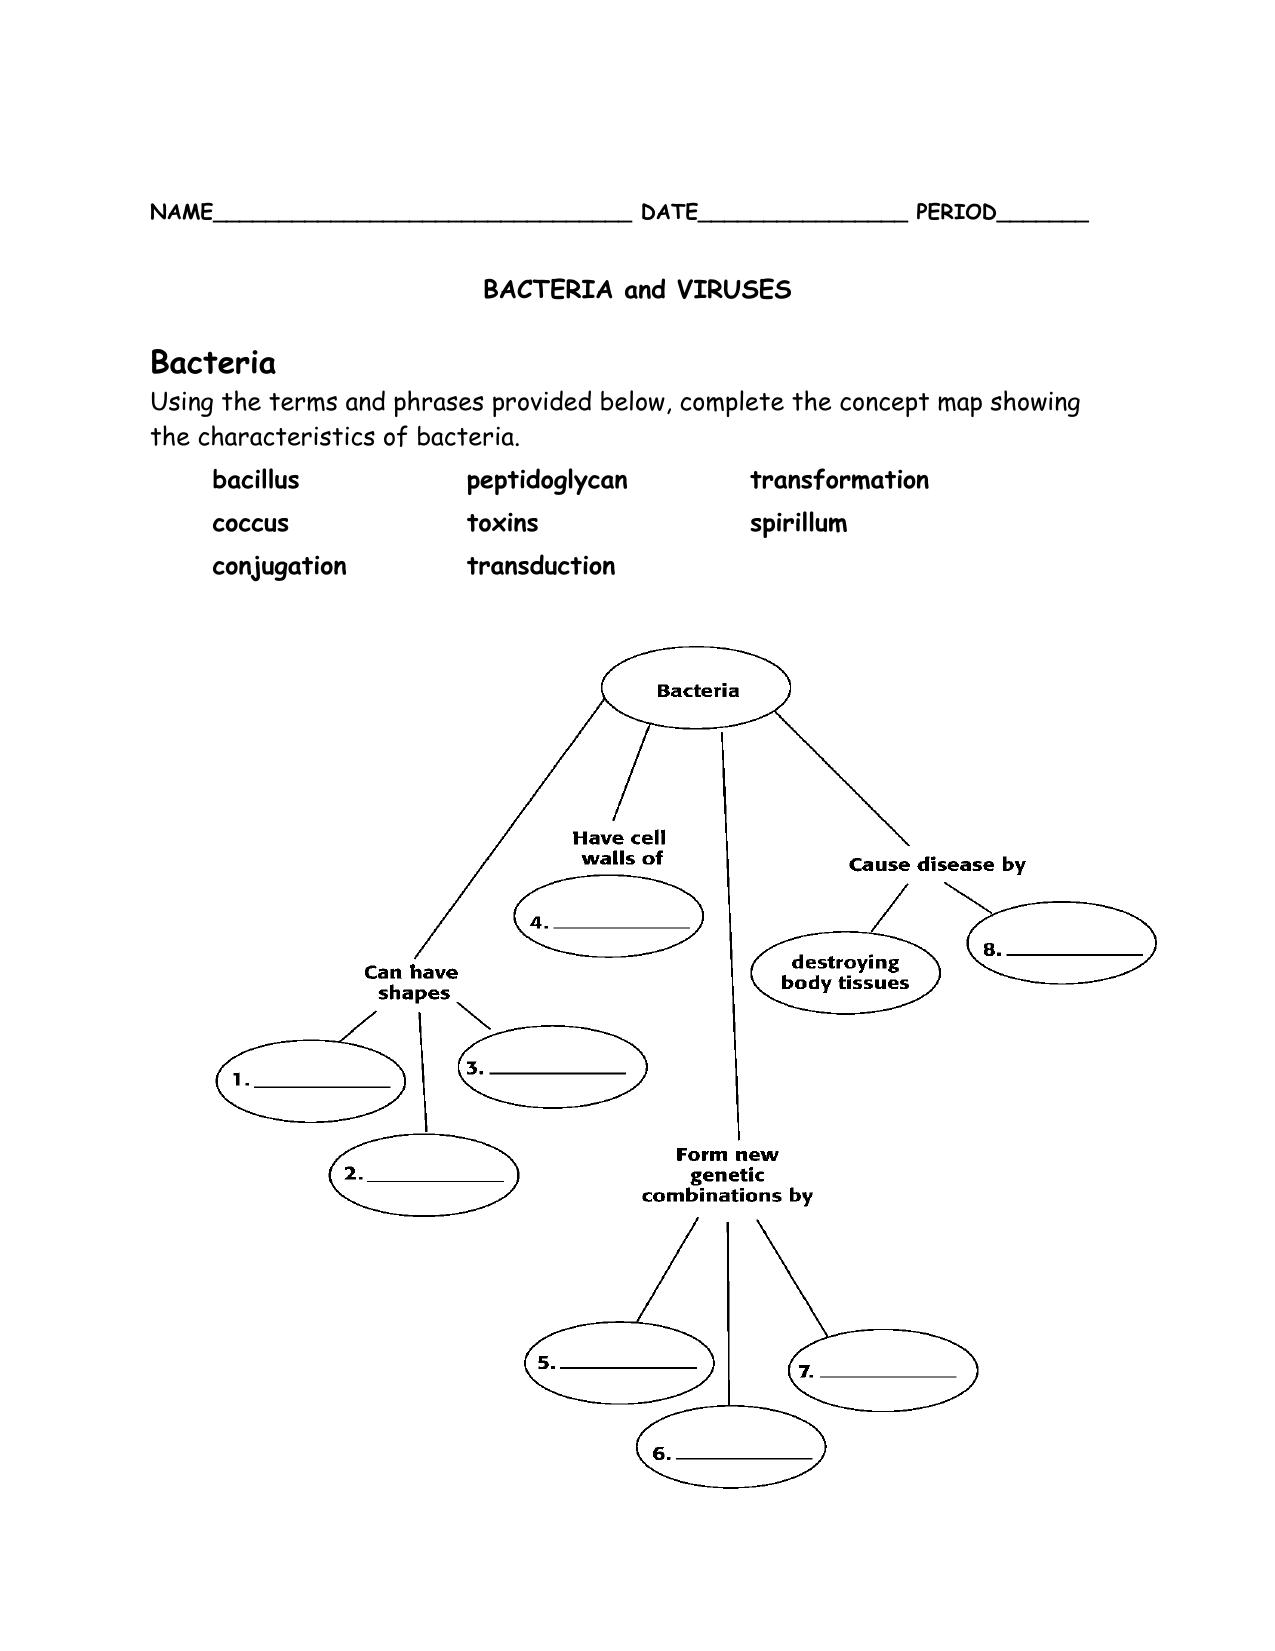 worksheet Bacteria And Viruses Worksheet 017722443 1 880f407616da1b31e0120526eb51ae5f png